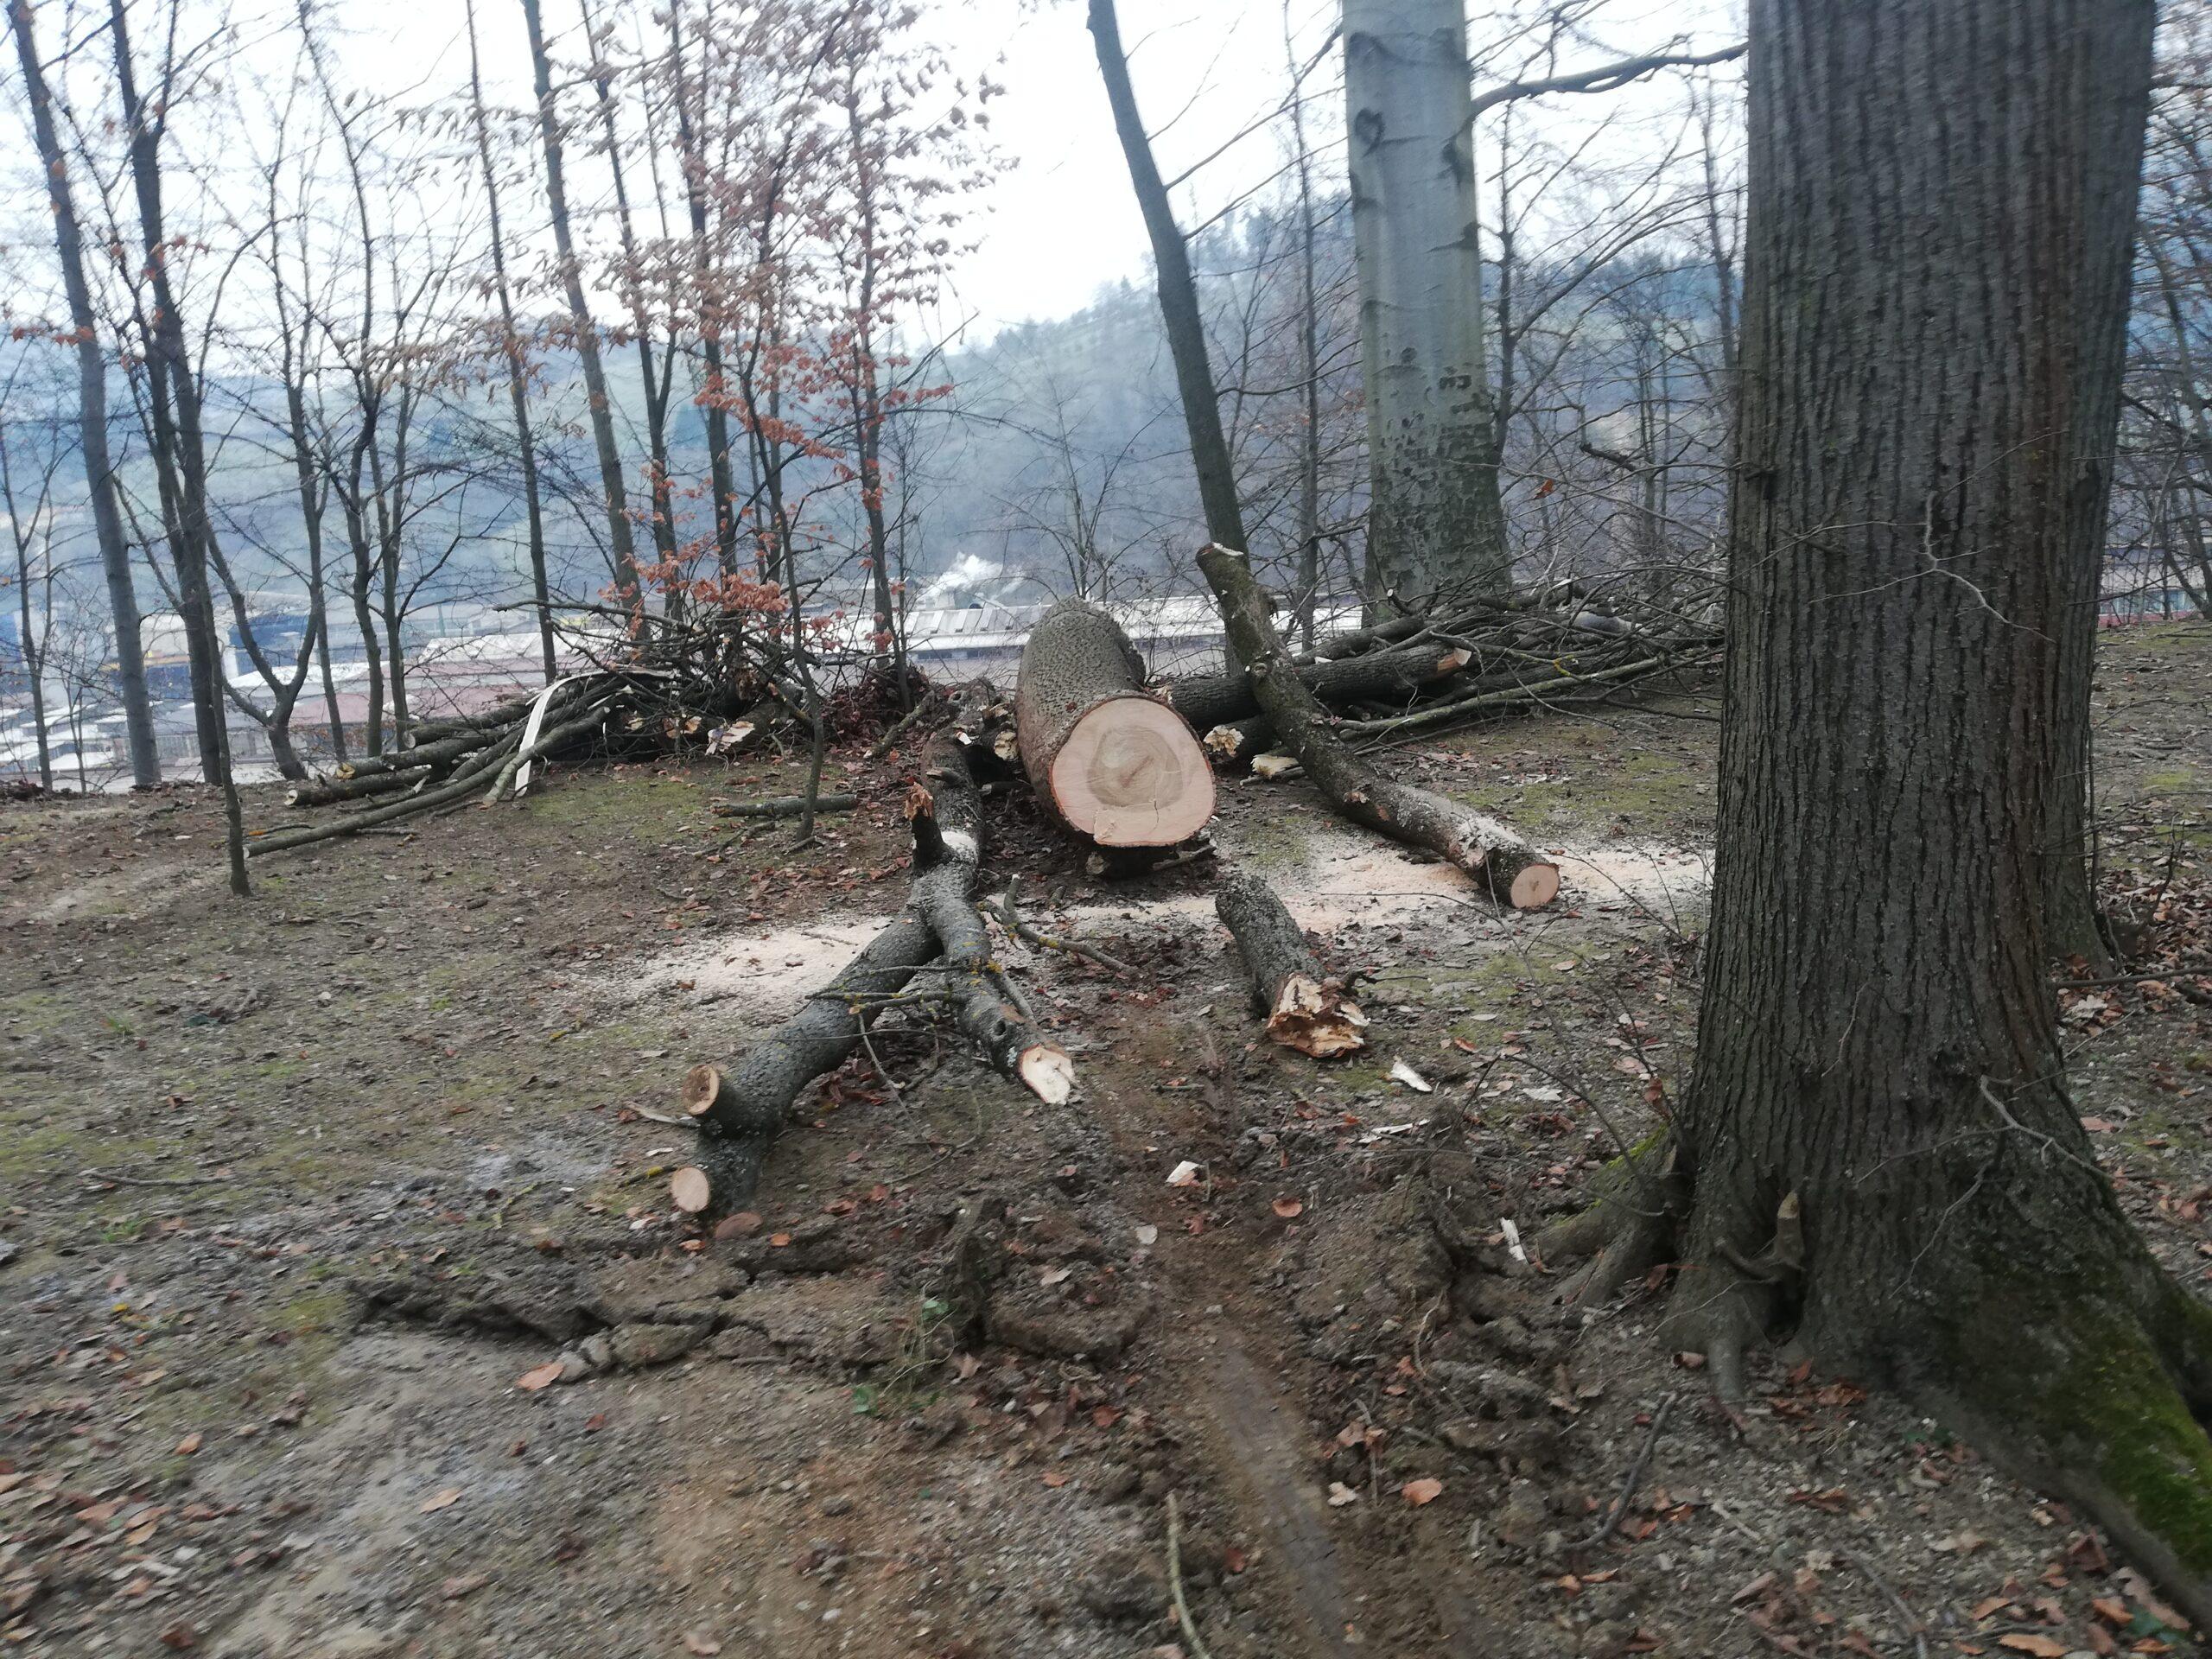 Razrezan hlod lesa v parku